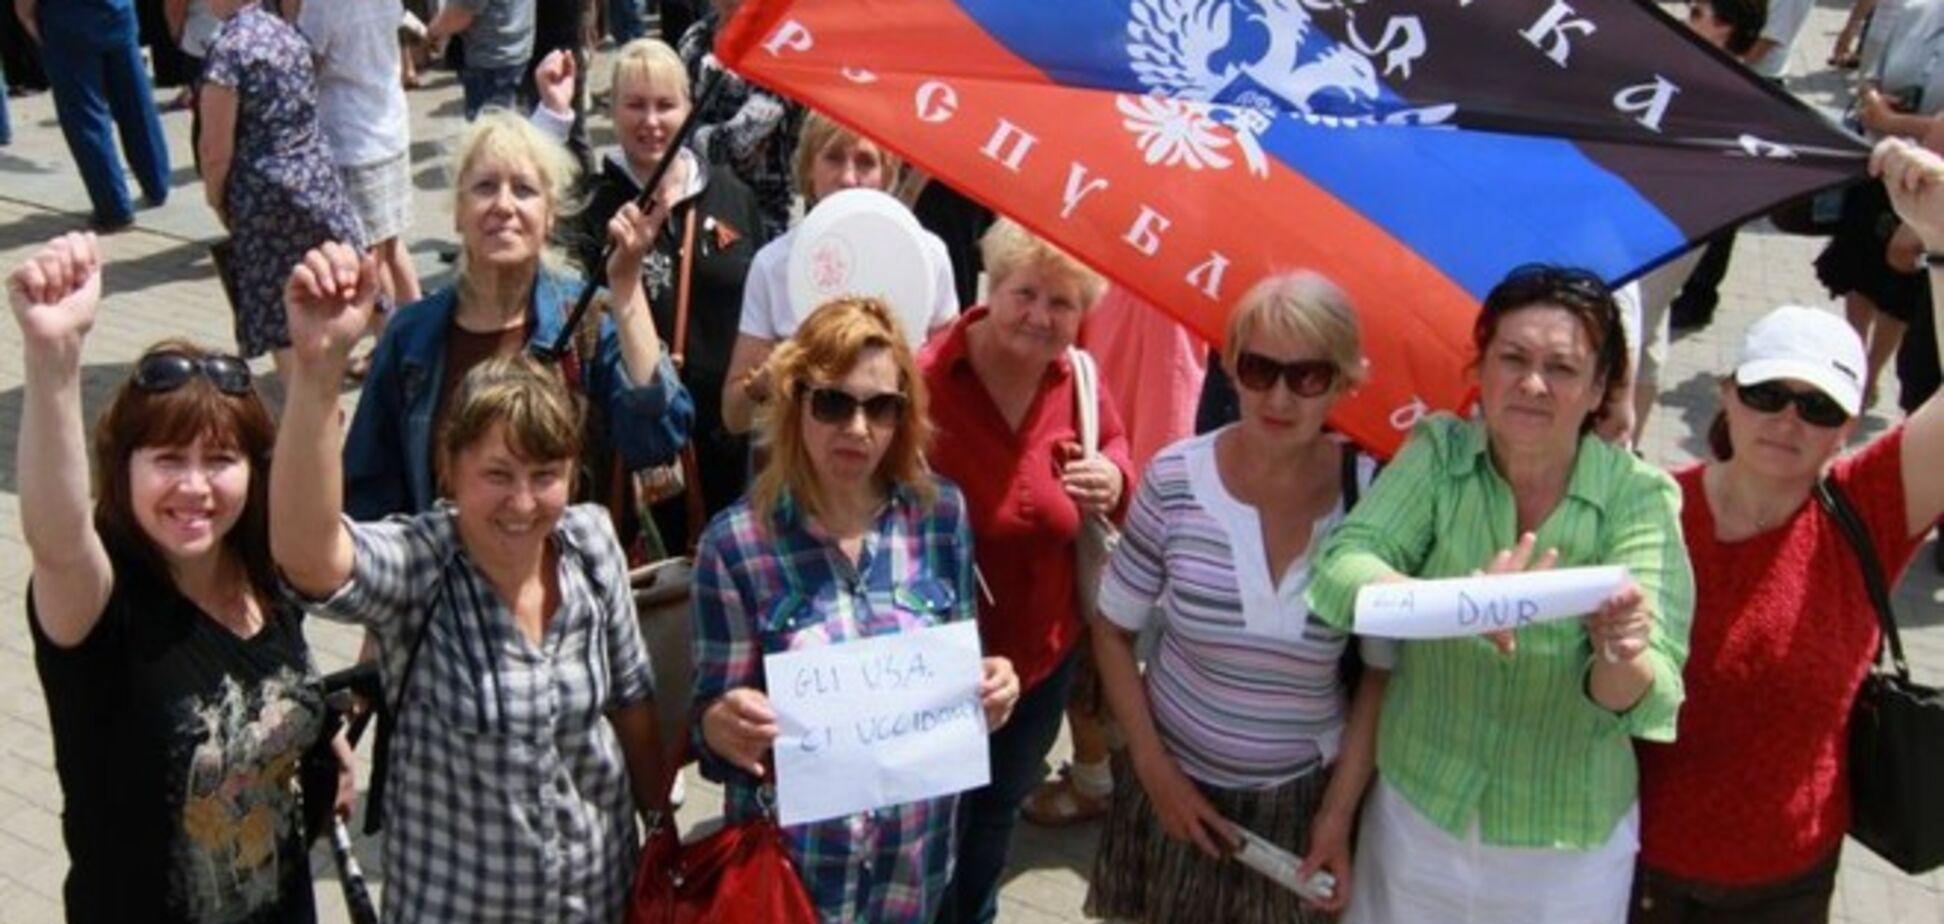 Лидеры 'ДНР' на митинге в Донецке обещали присоединение к РФ  и просили Путина ввести войска